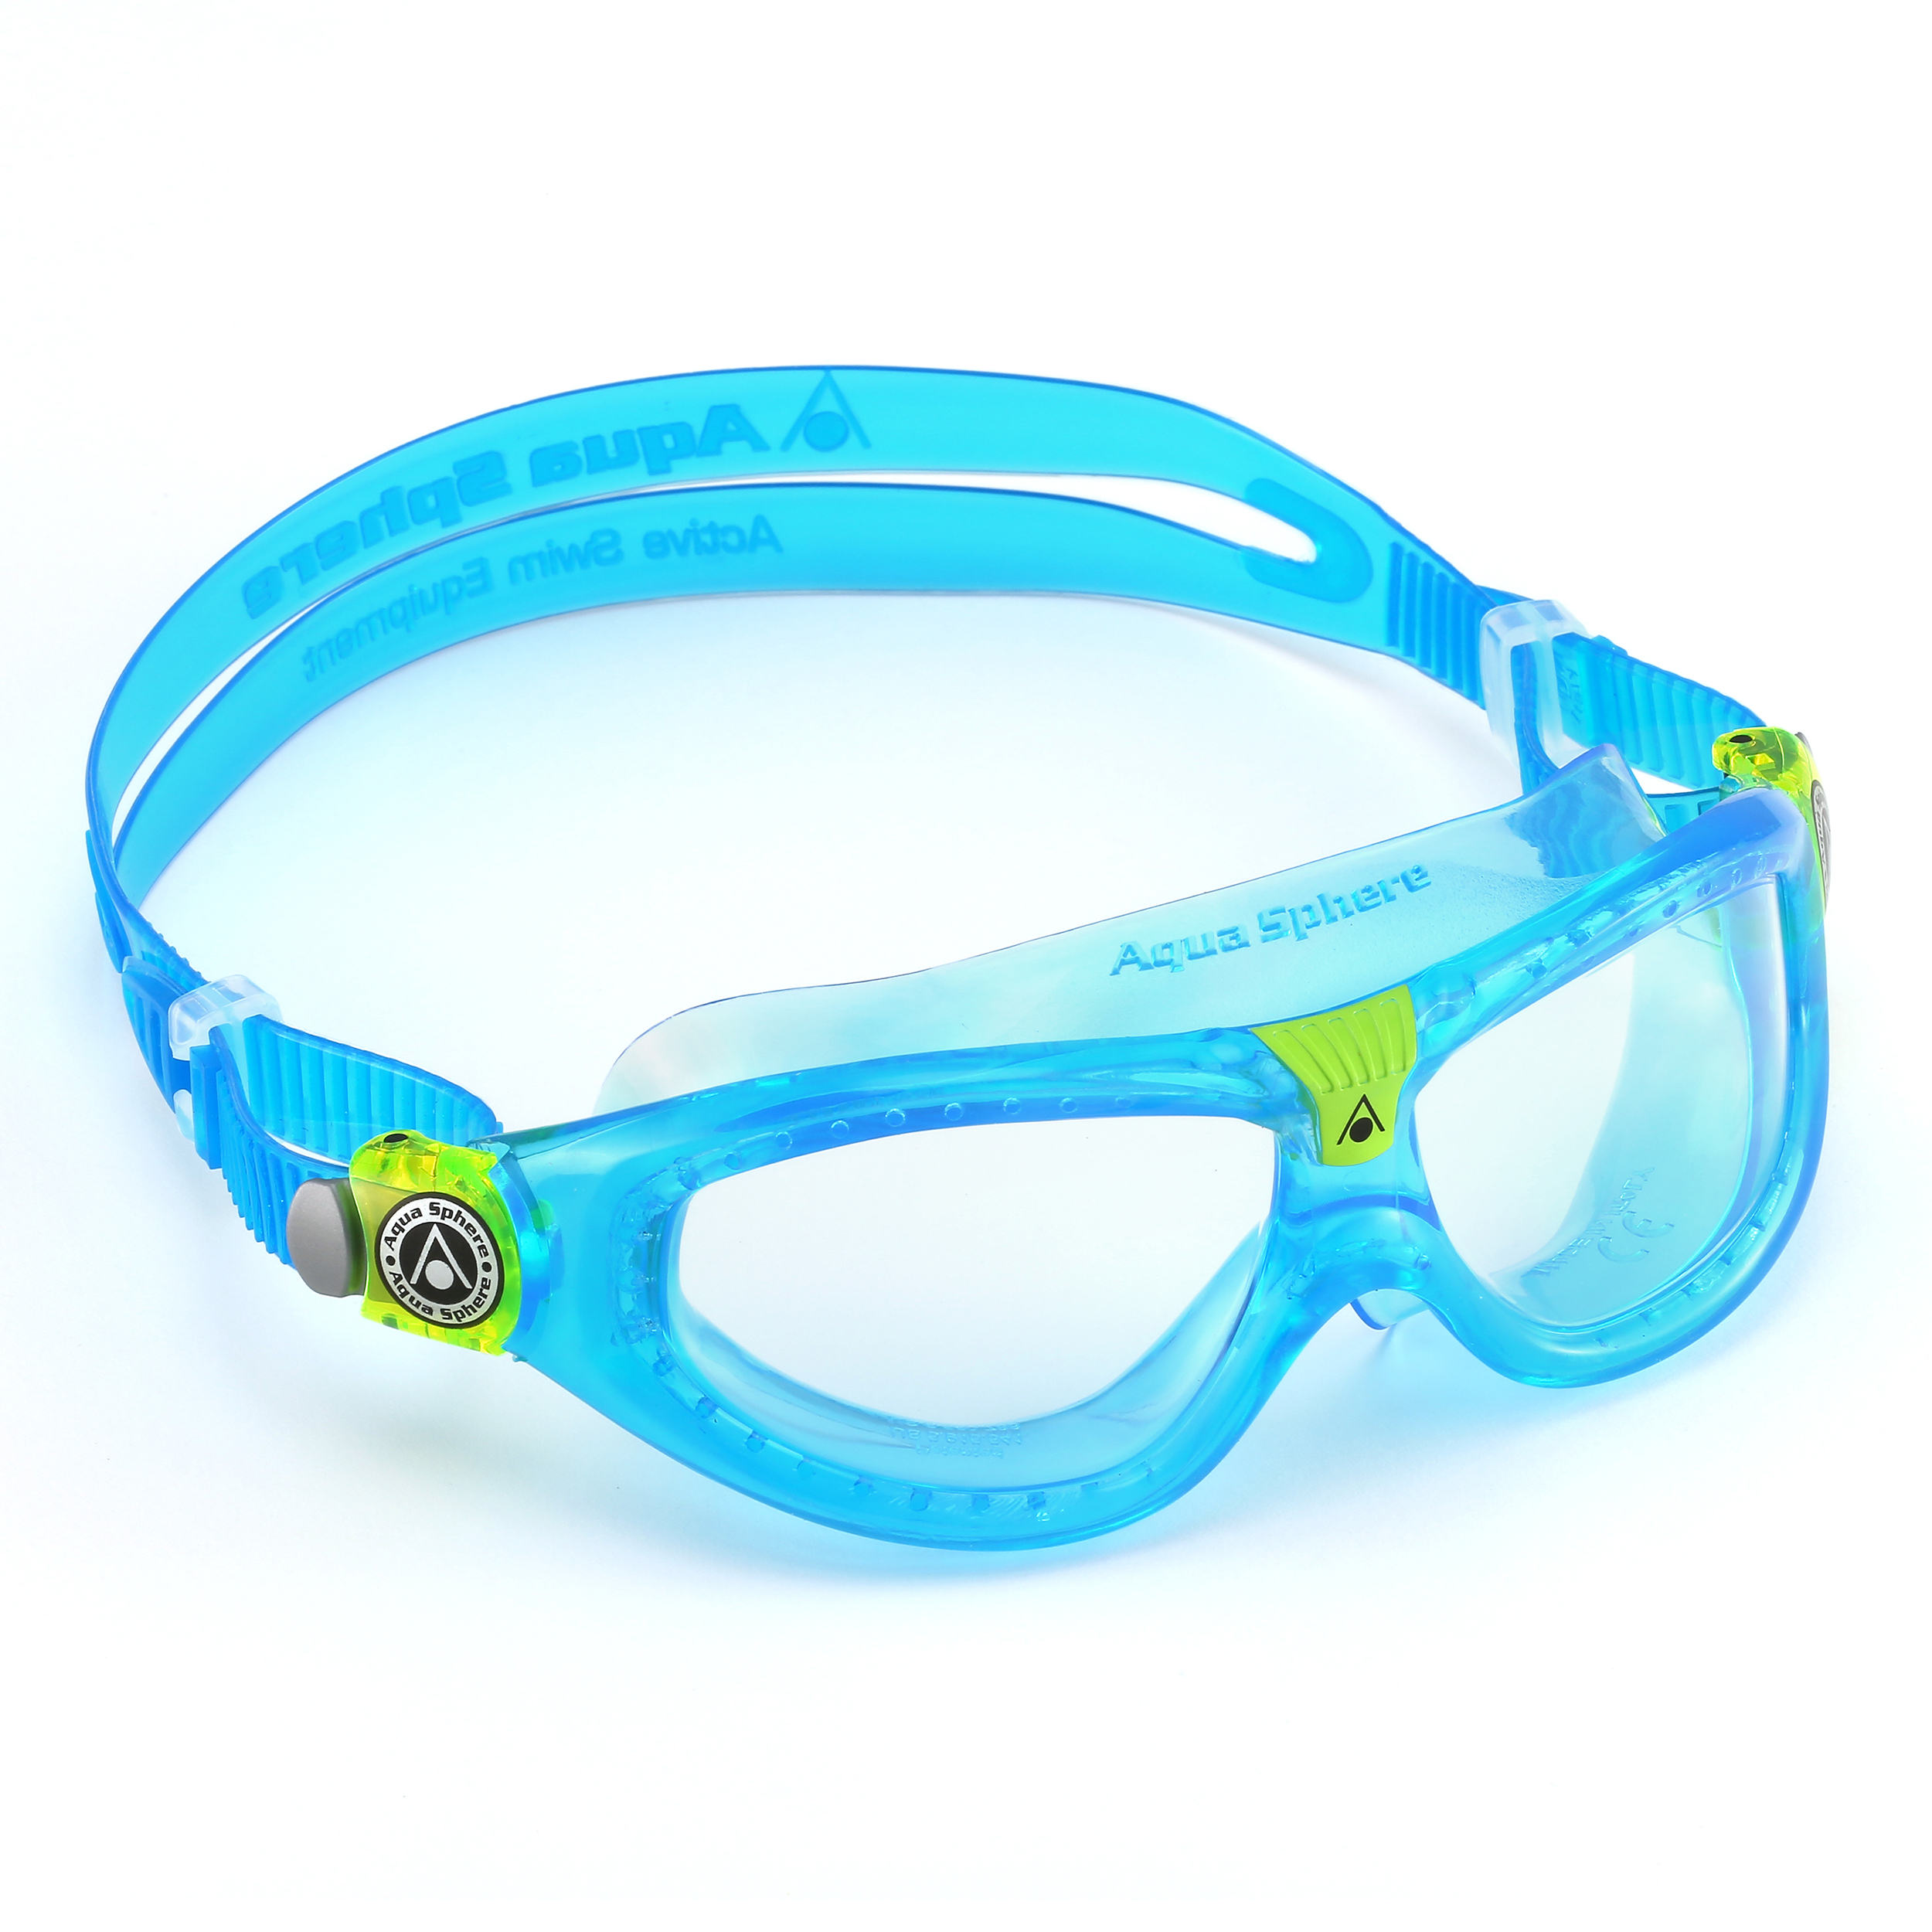 d2505095b Swim goggles